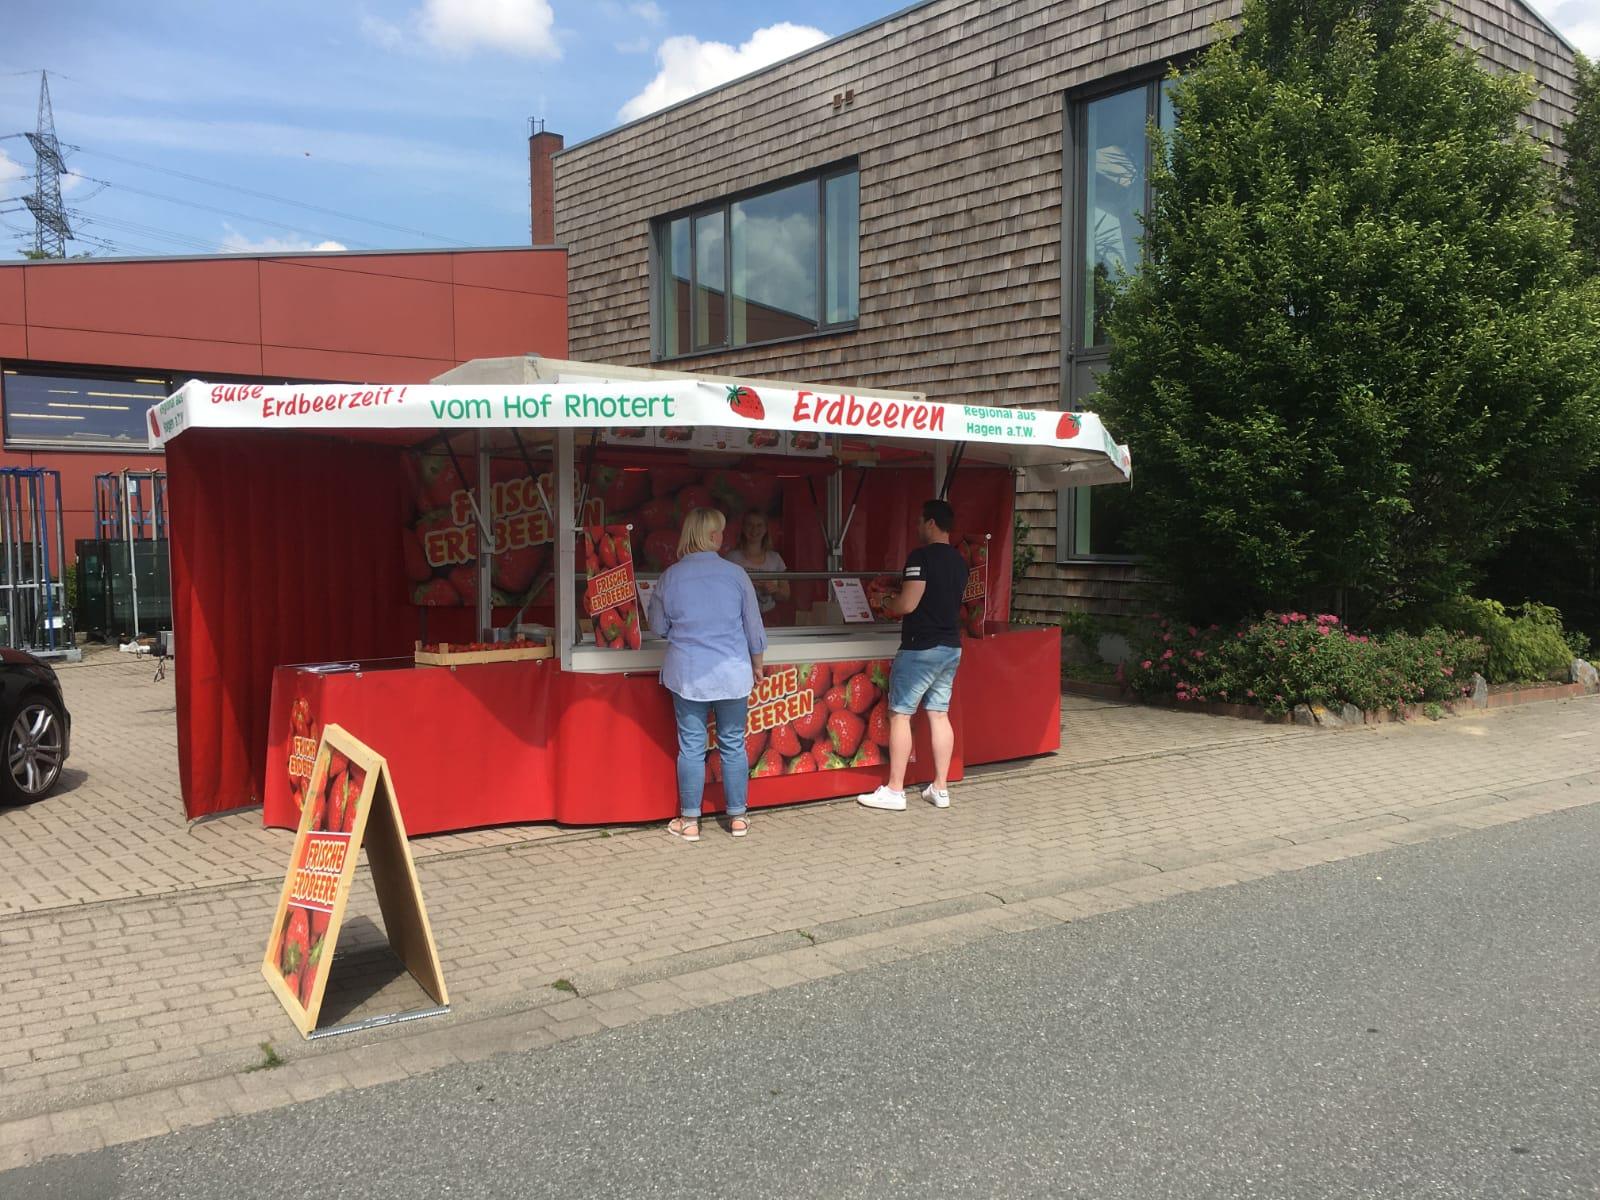 Erdbeerverkauf in Sutthausen